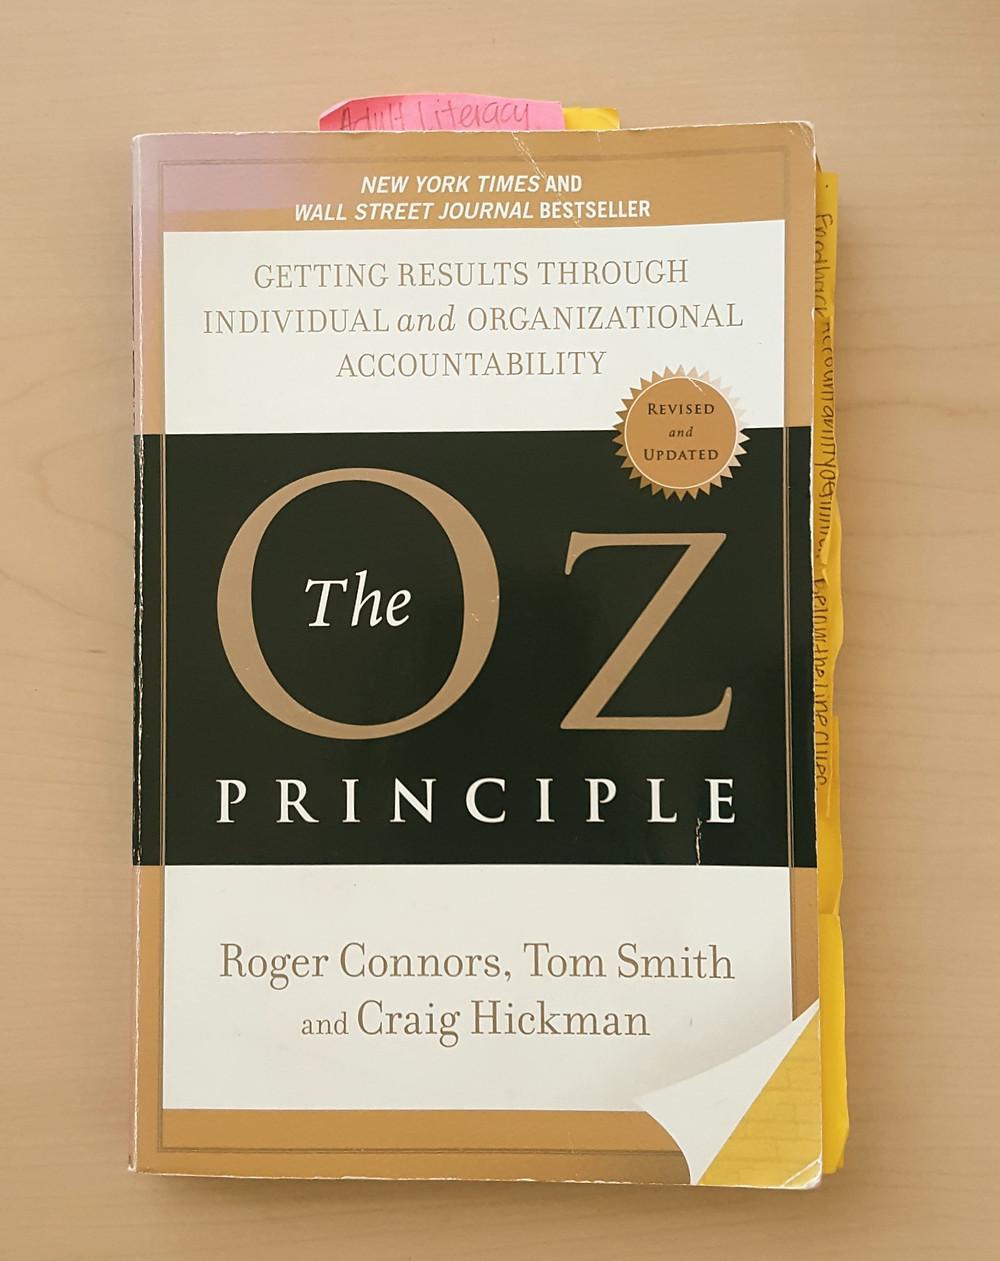 The Oz Principle book on a wooden desk